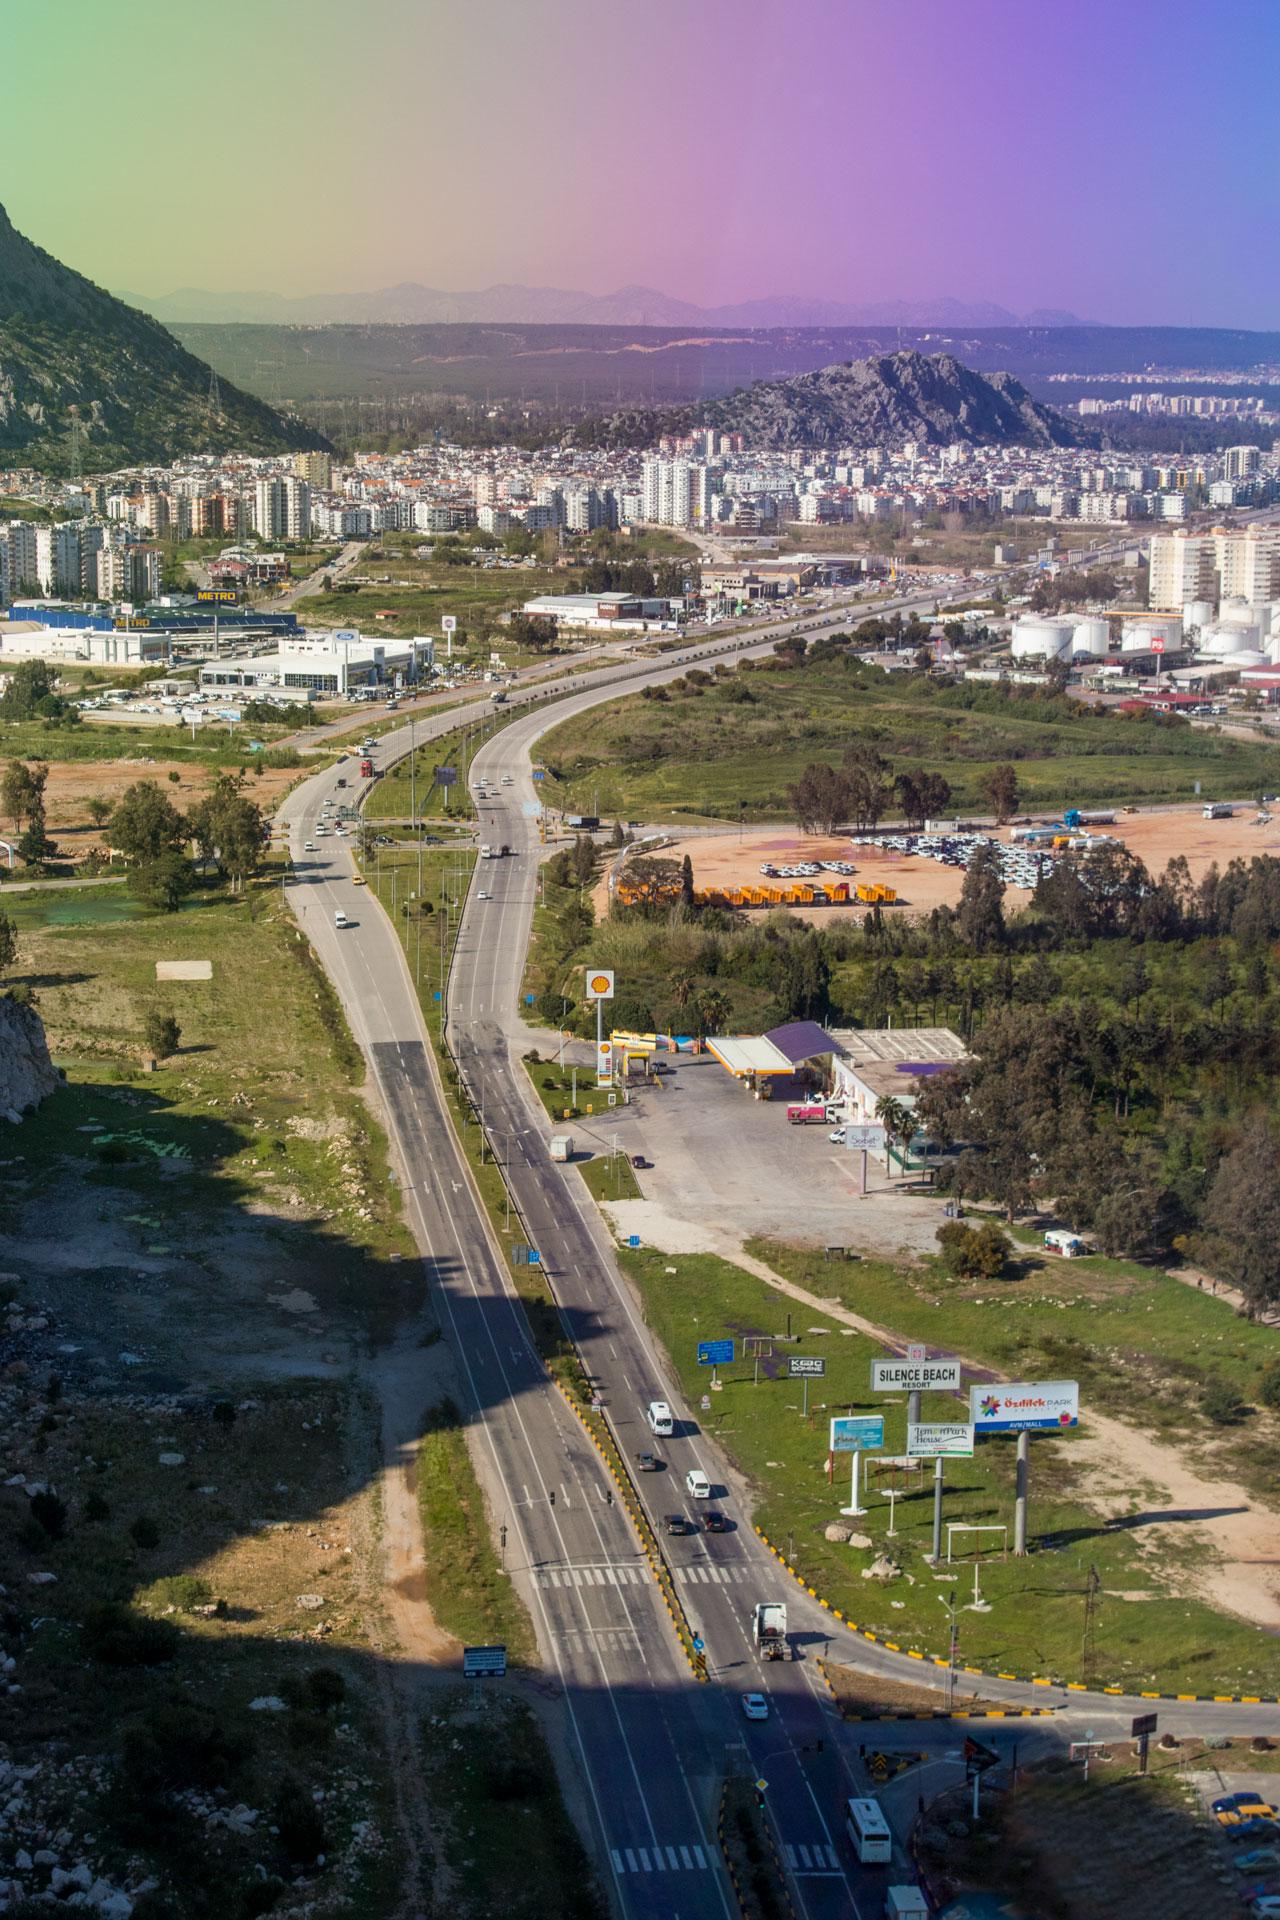 Tünektepe Teleferik Antalya Kadınlar Plajı Konyaaltı Çekergezer Hakan Aydın www.cekergezer.com www.cekergezer.com